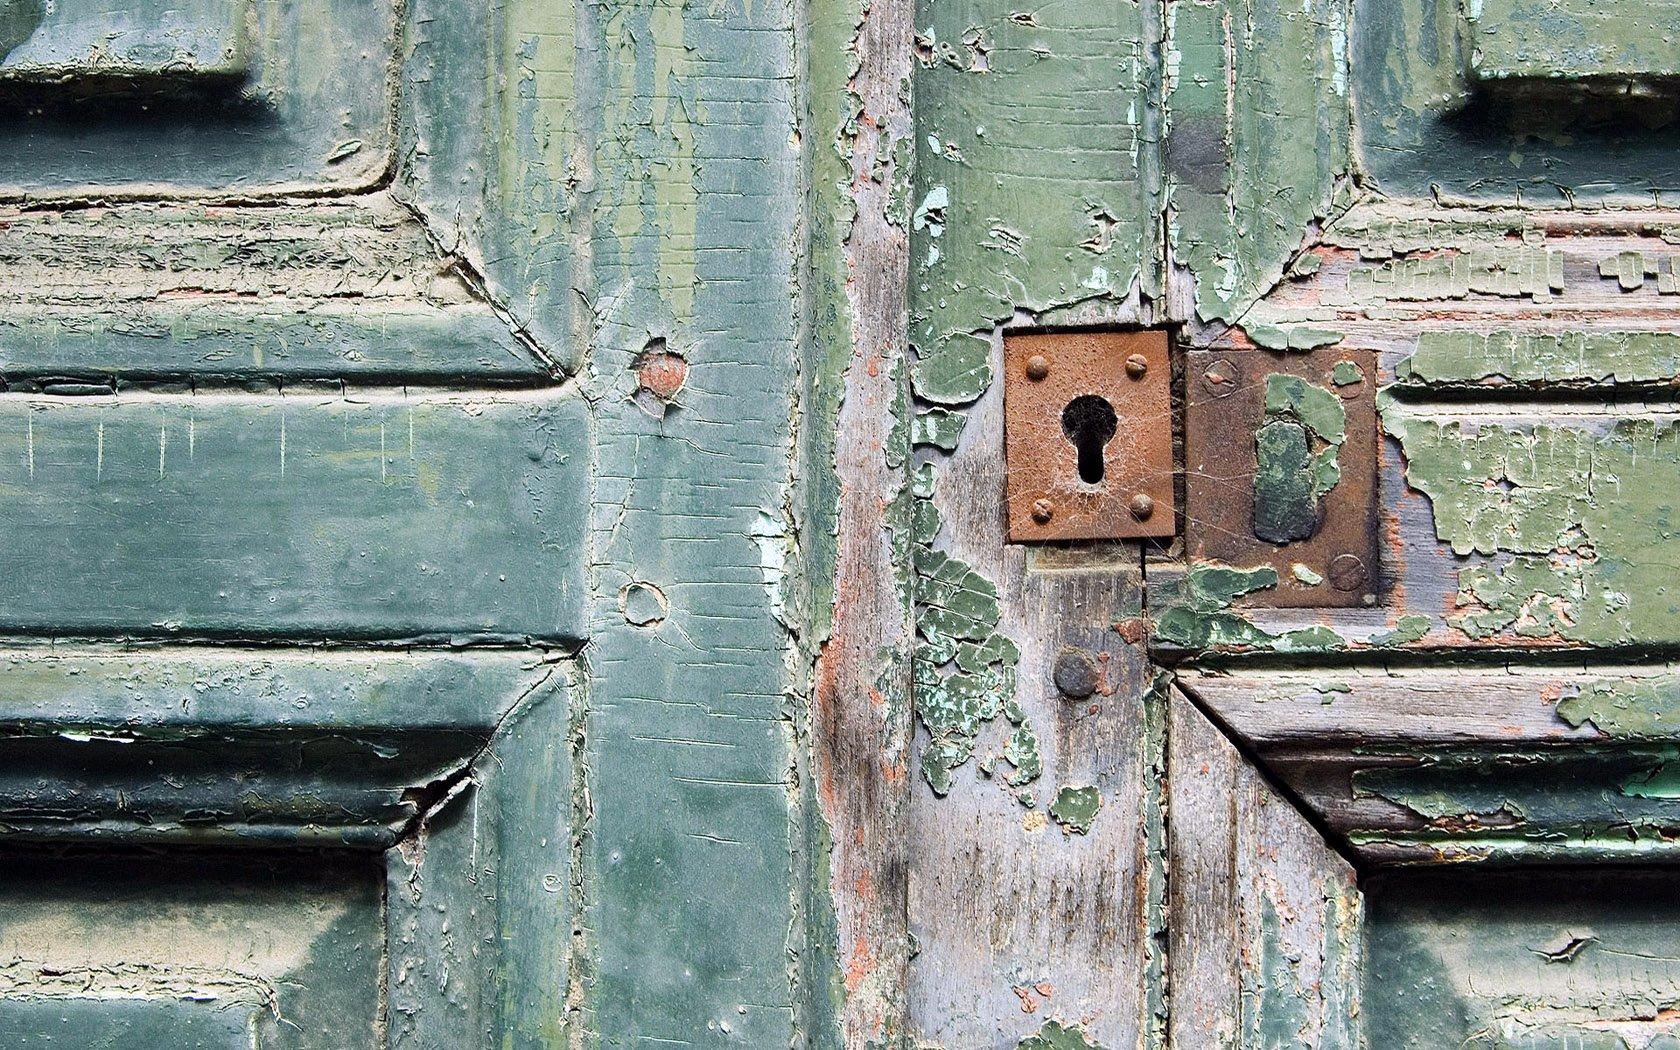 Rustic Computer Wallpapers Desktop Backgrounds 1680x1050 ID79299 1680x1050